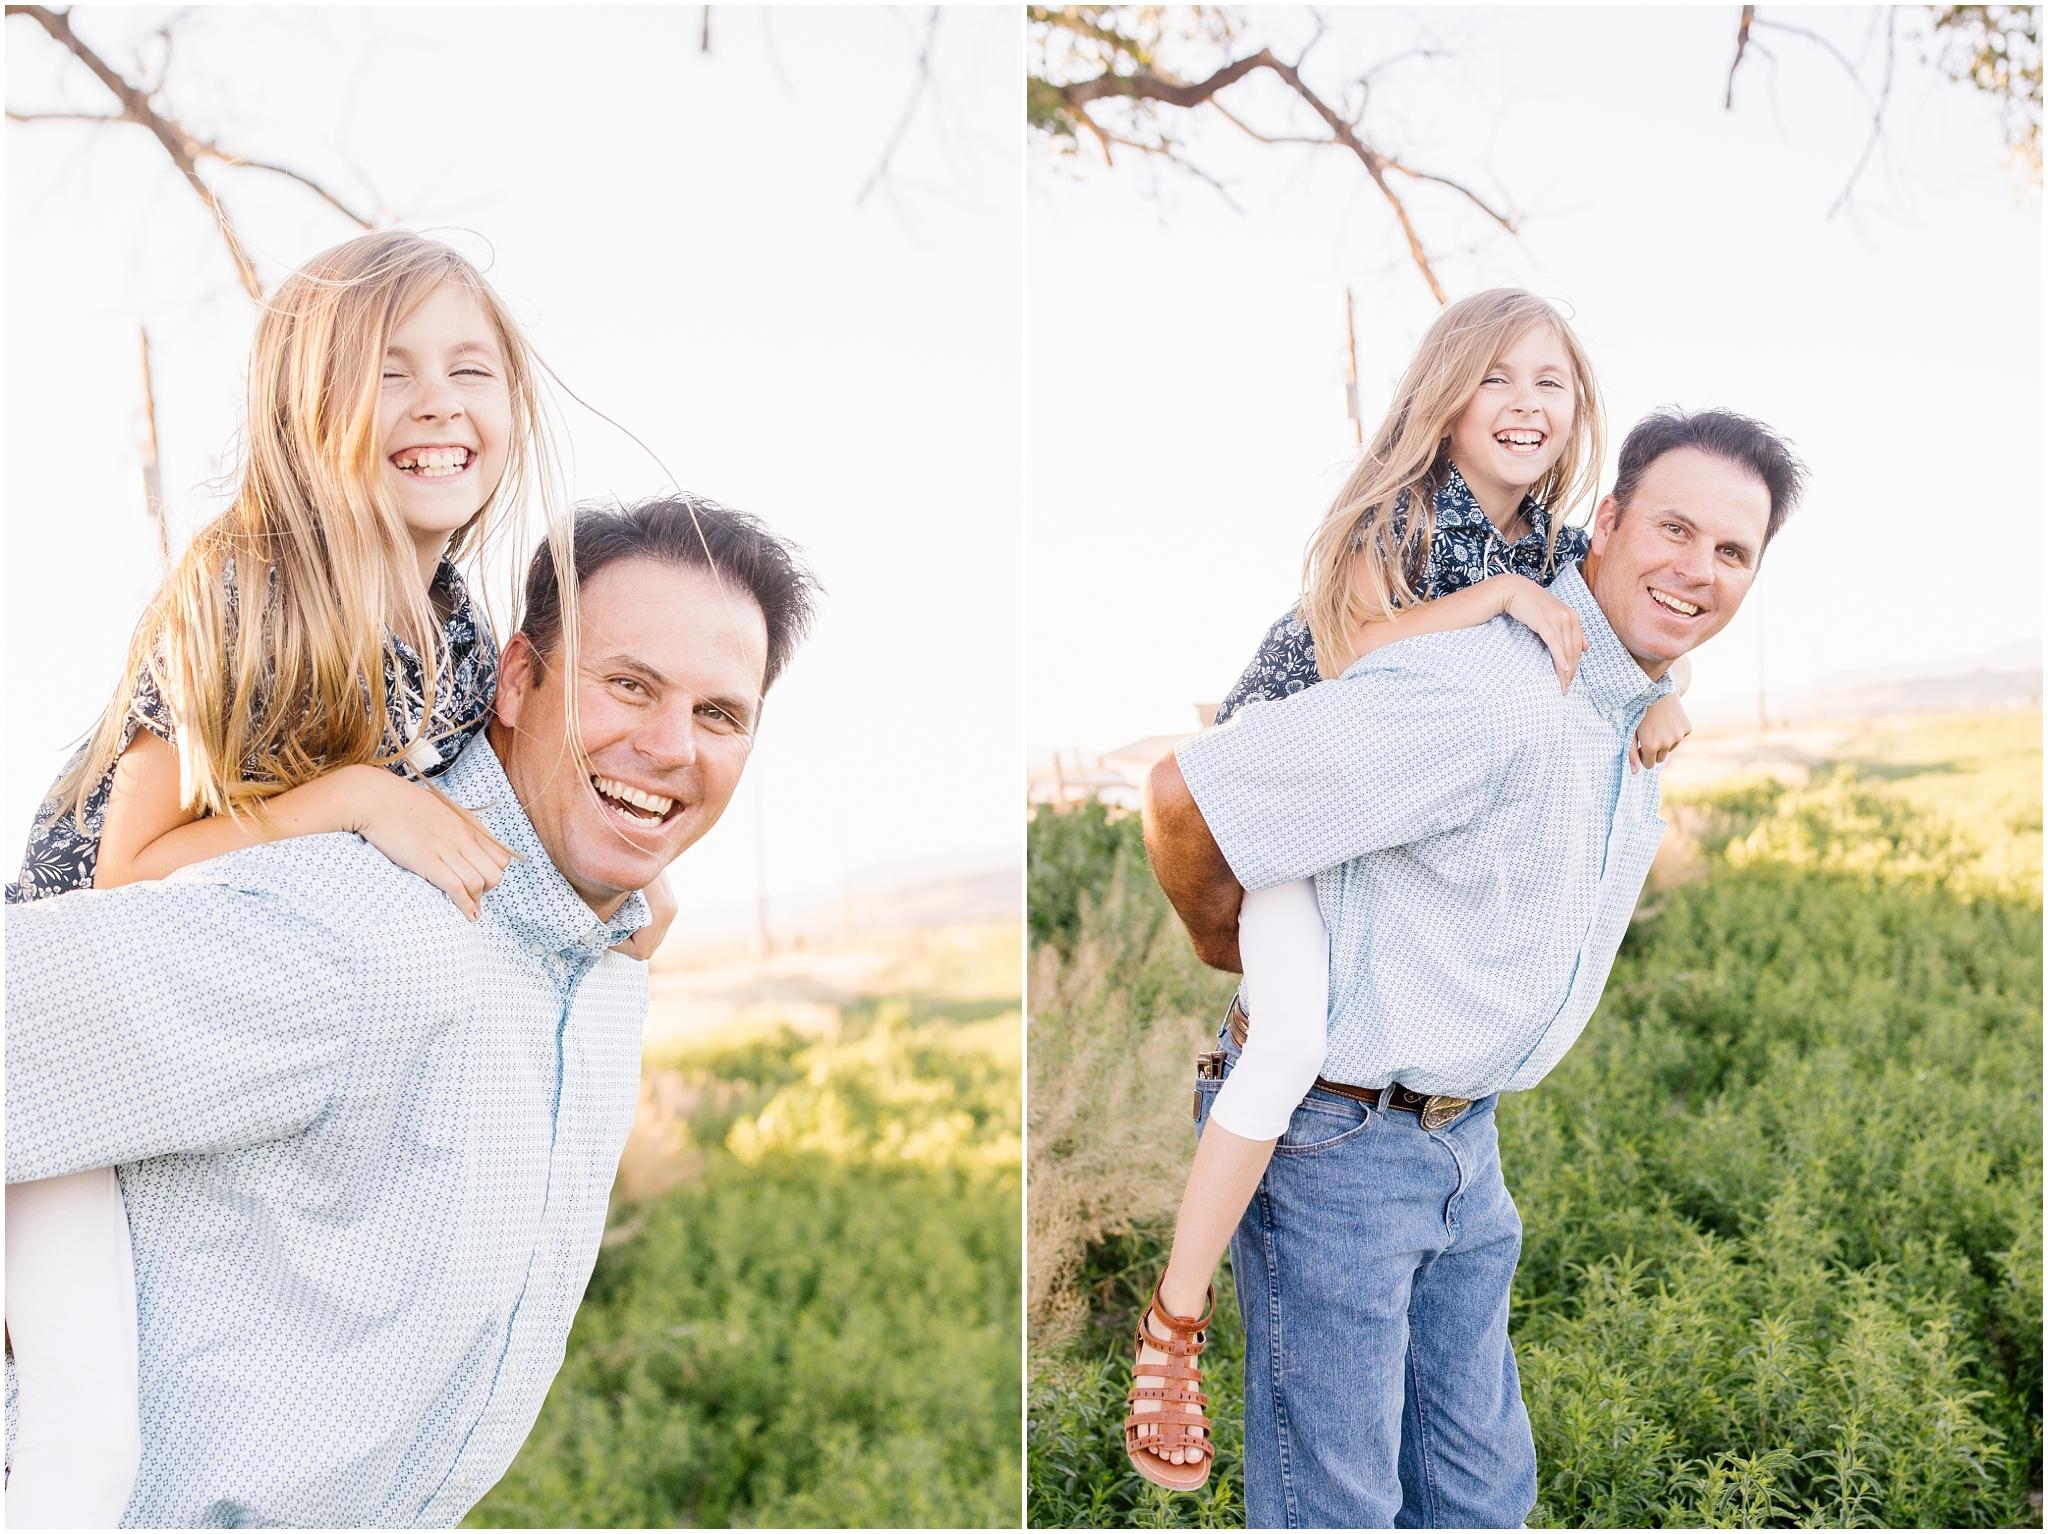 Blackburn--53_Lizzie-B-Imagery-Utah-Family-Photographer-Central-Utah-Photographer-Utah-County-Extended-Family.jpg